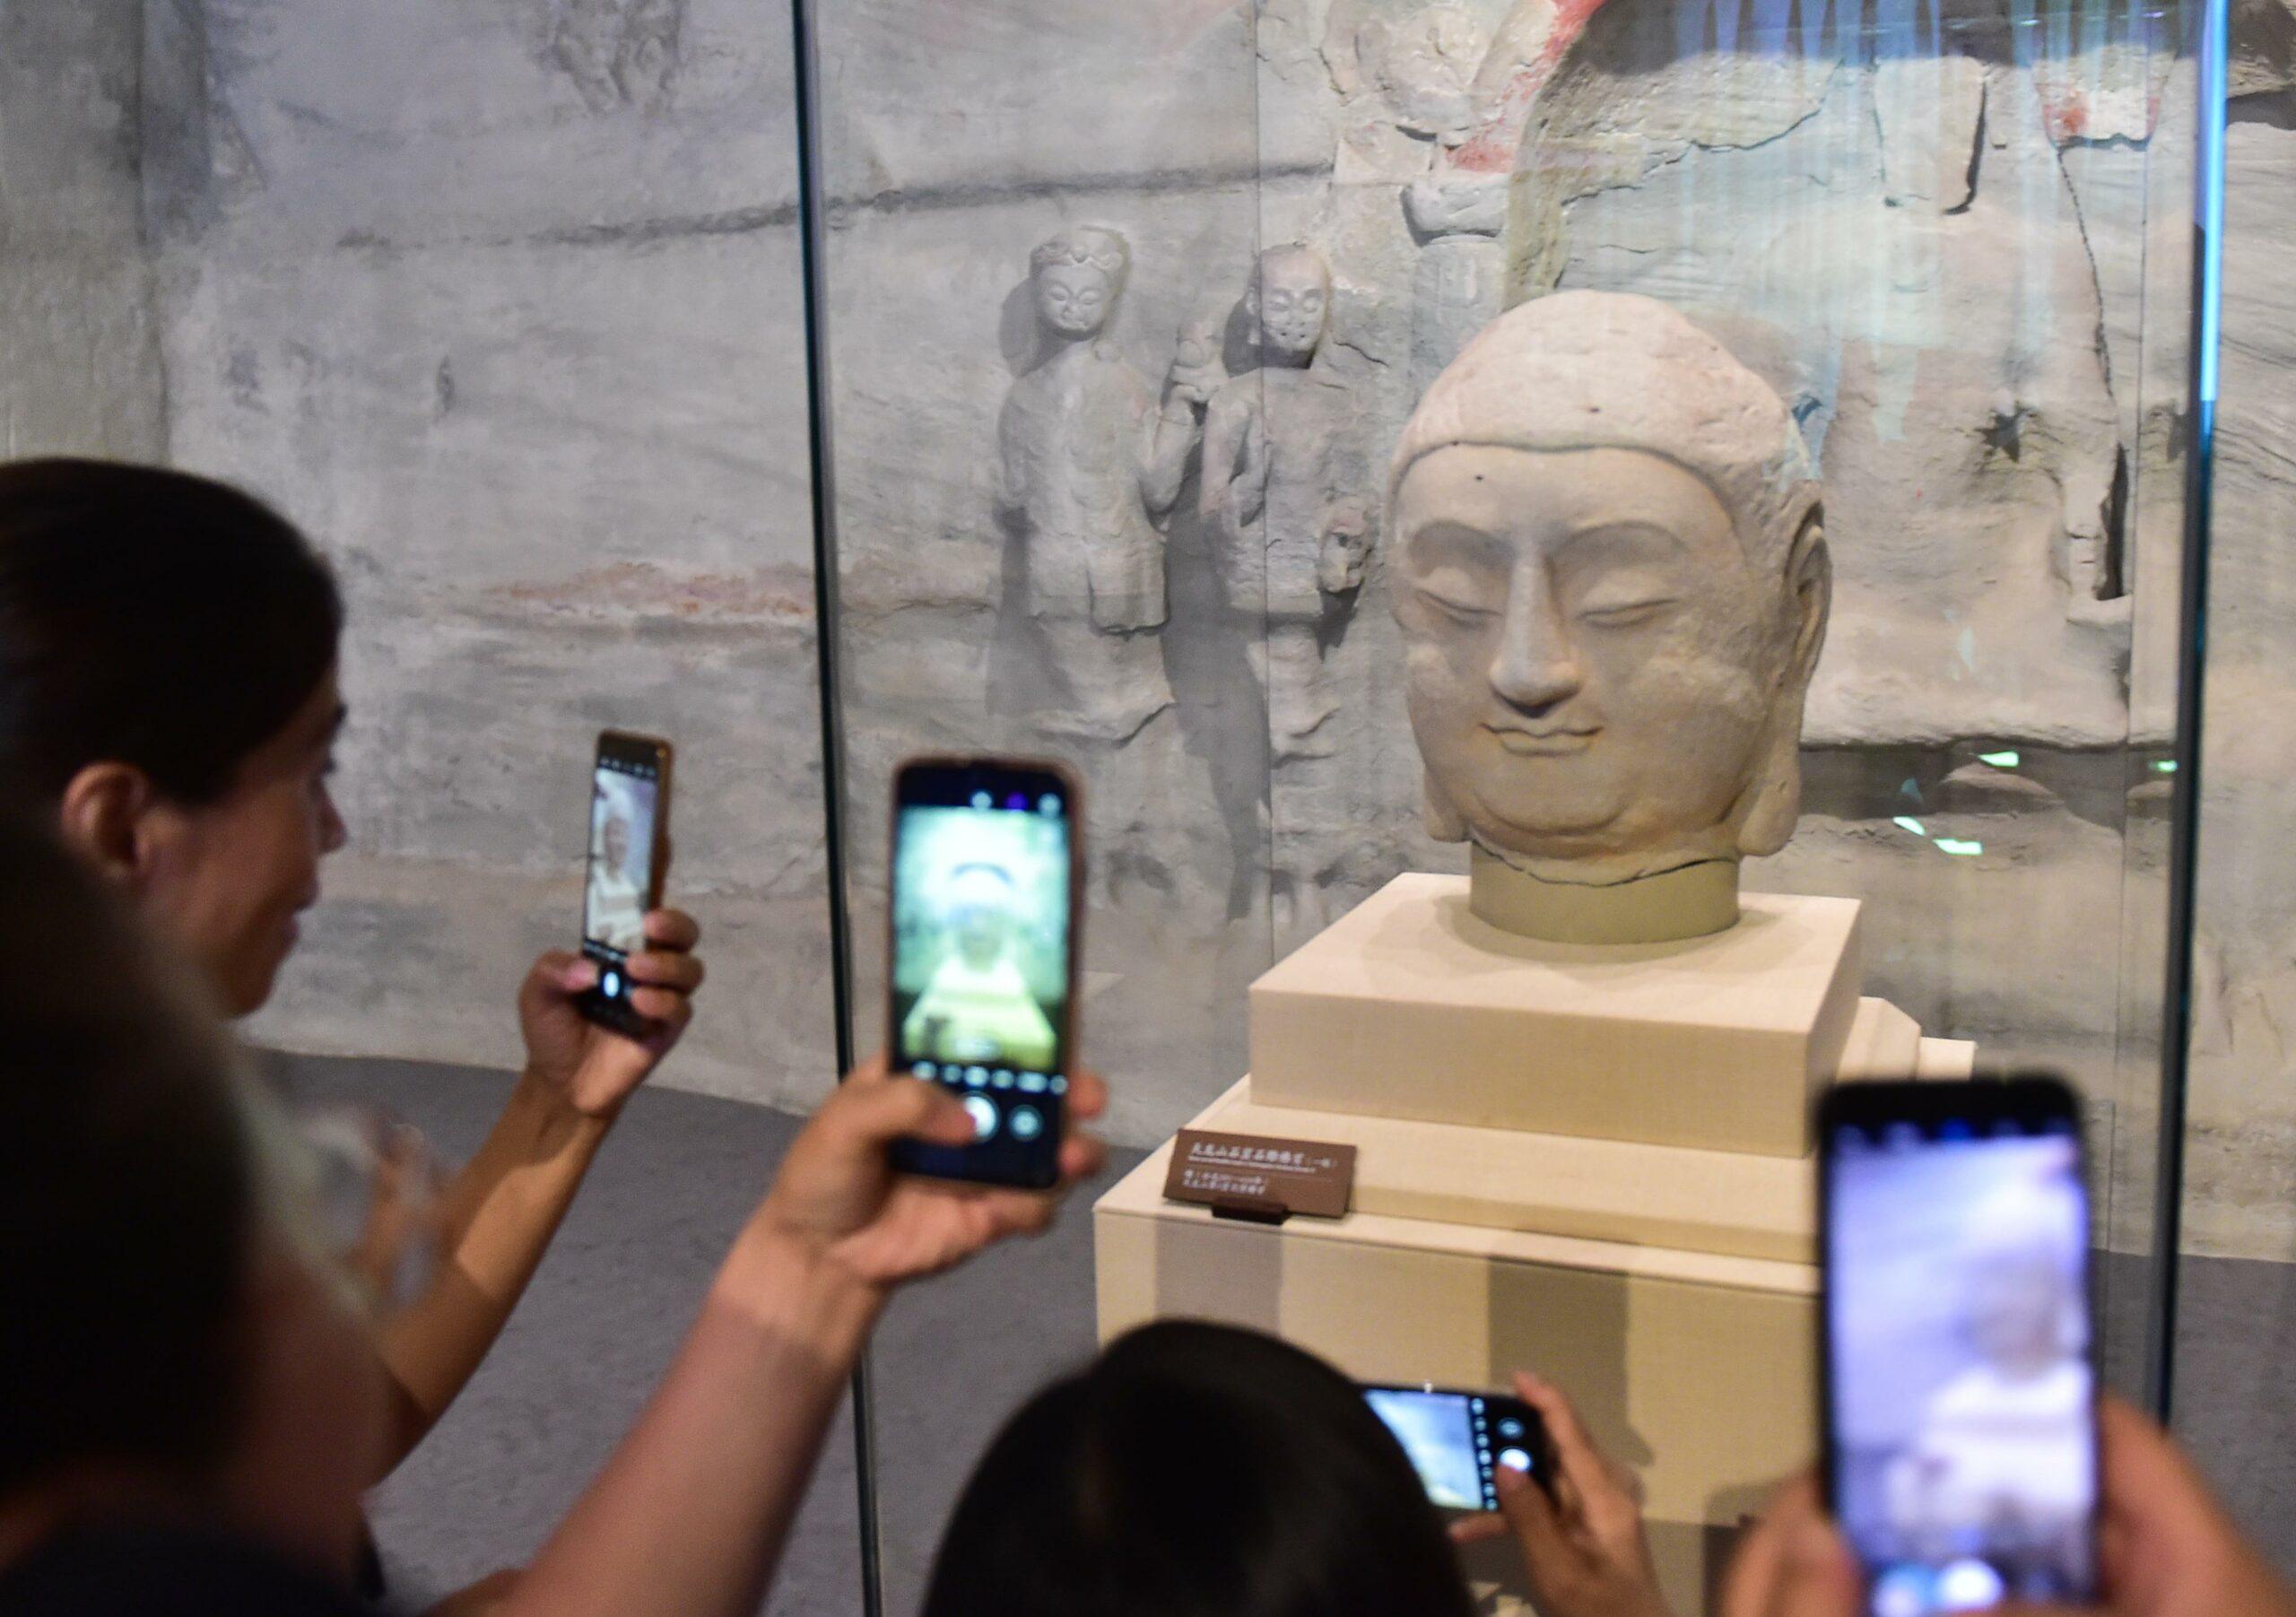 จีนจำกัดยอดเข้าชม 'แหล่งมรดกวัฒนธรรม' สกัดโควิด-19 รอบใหม่